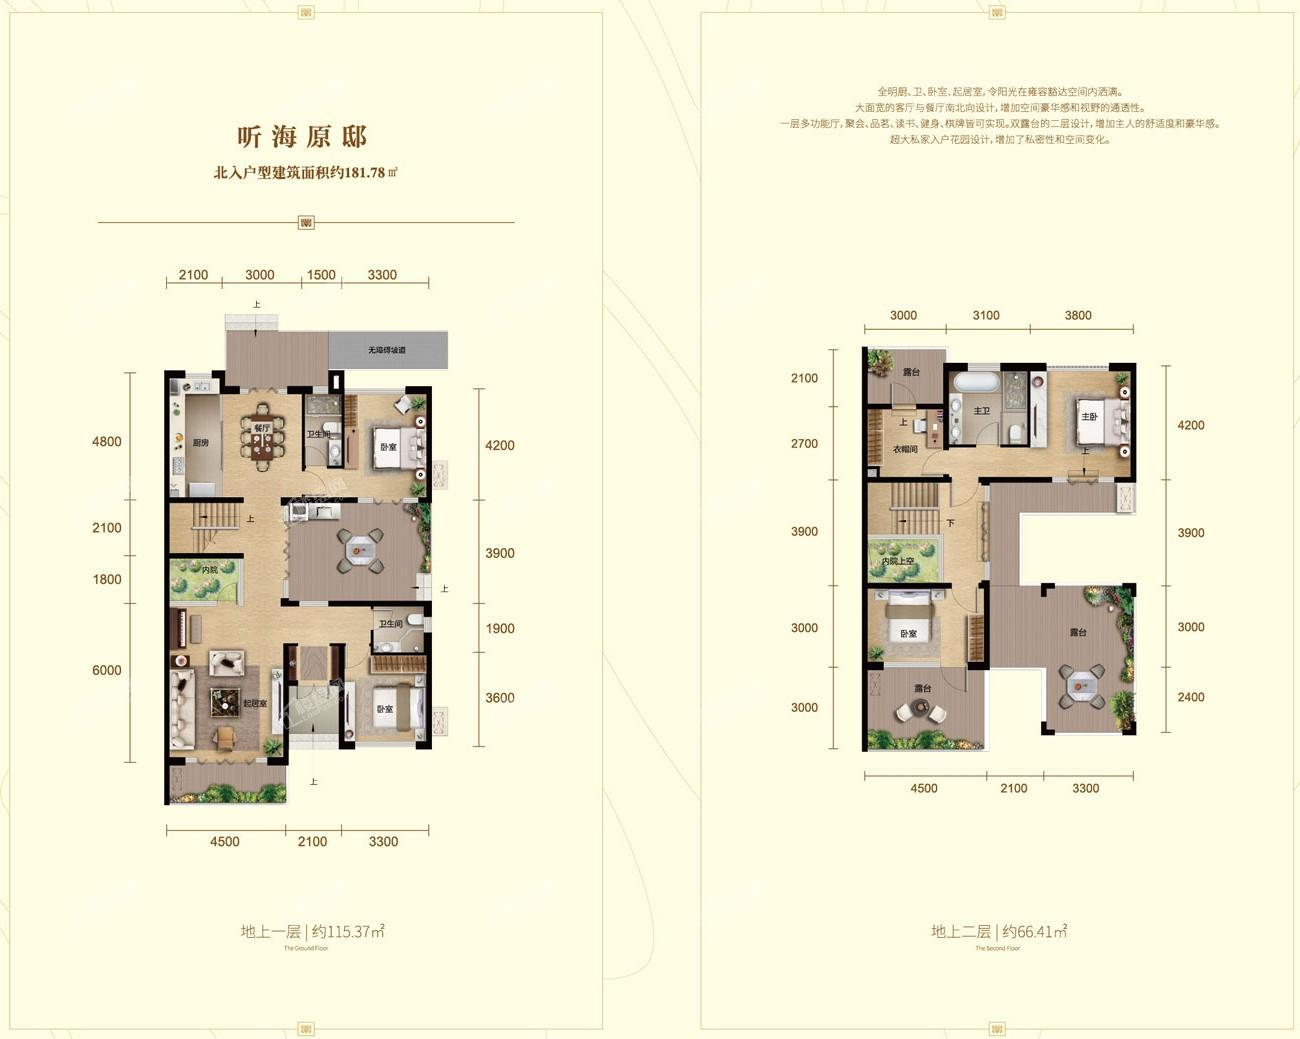 中信国安北海第一城第二块地联排别墅户型3